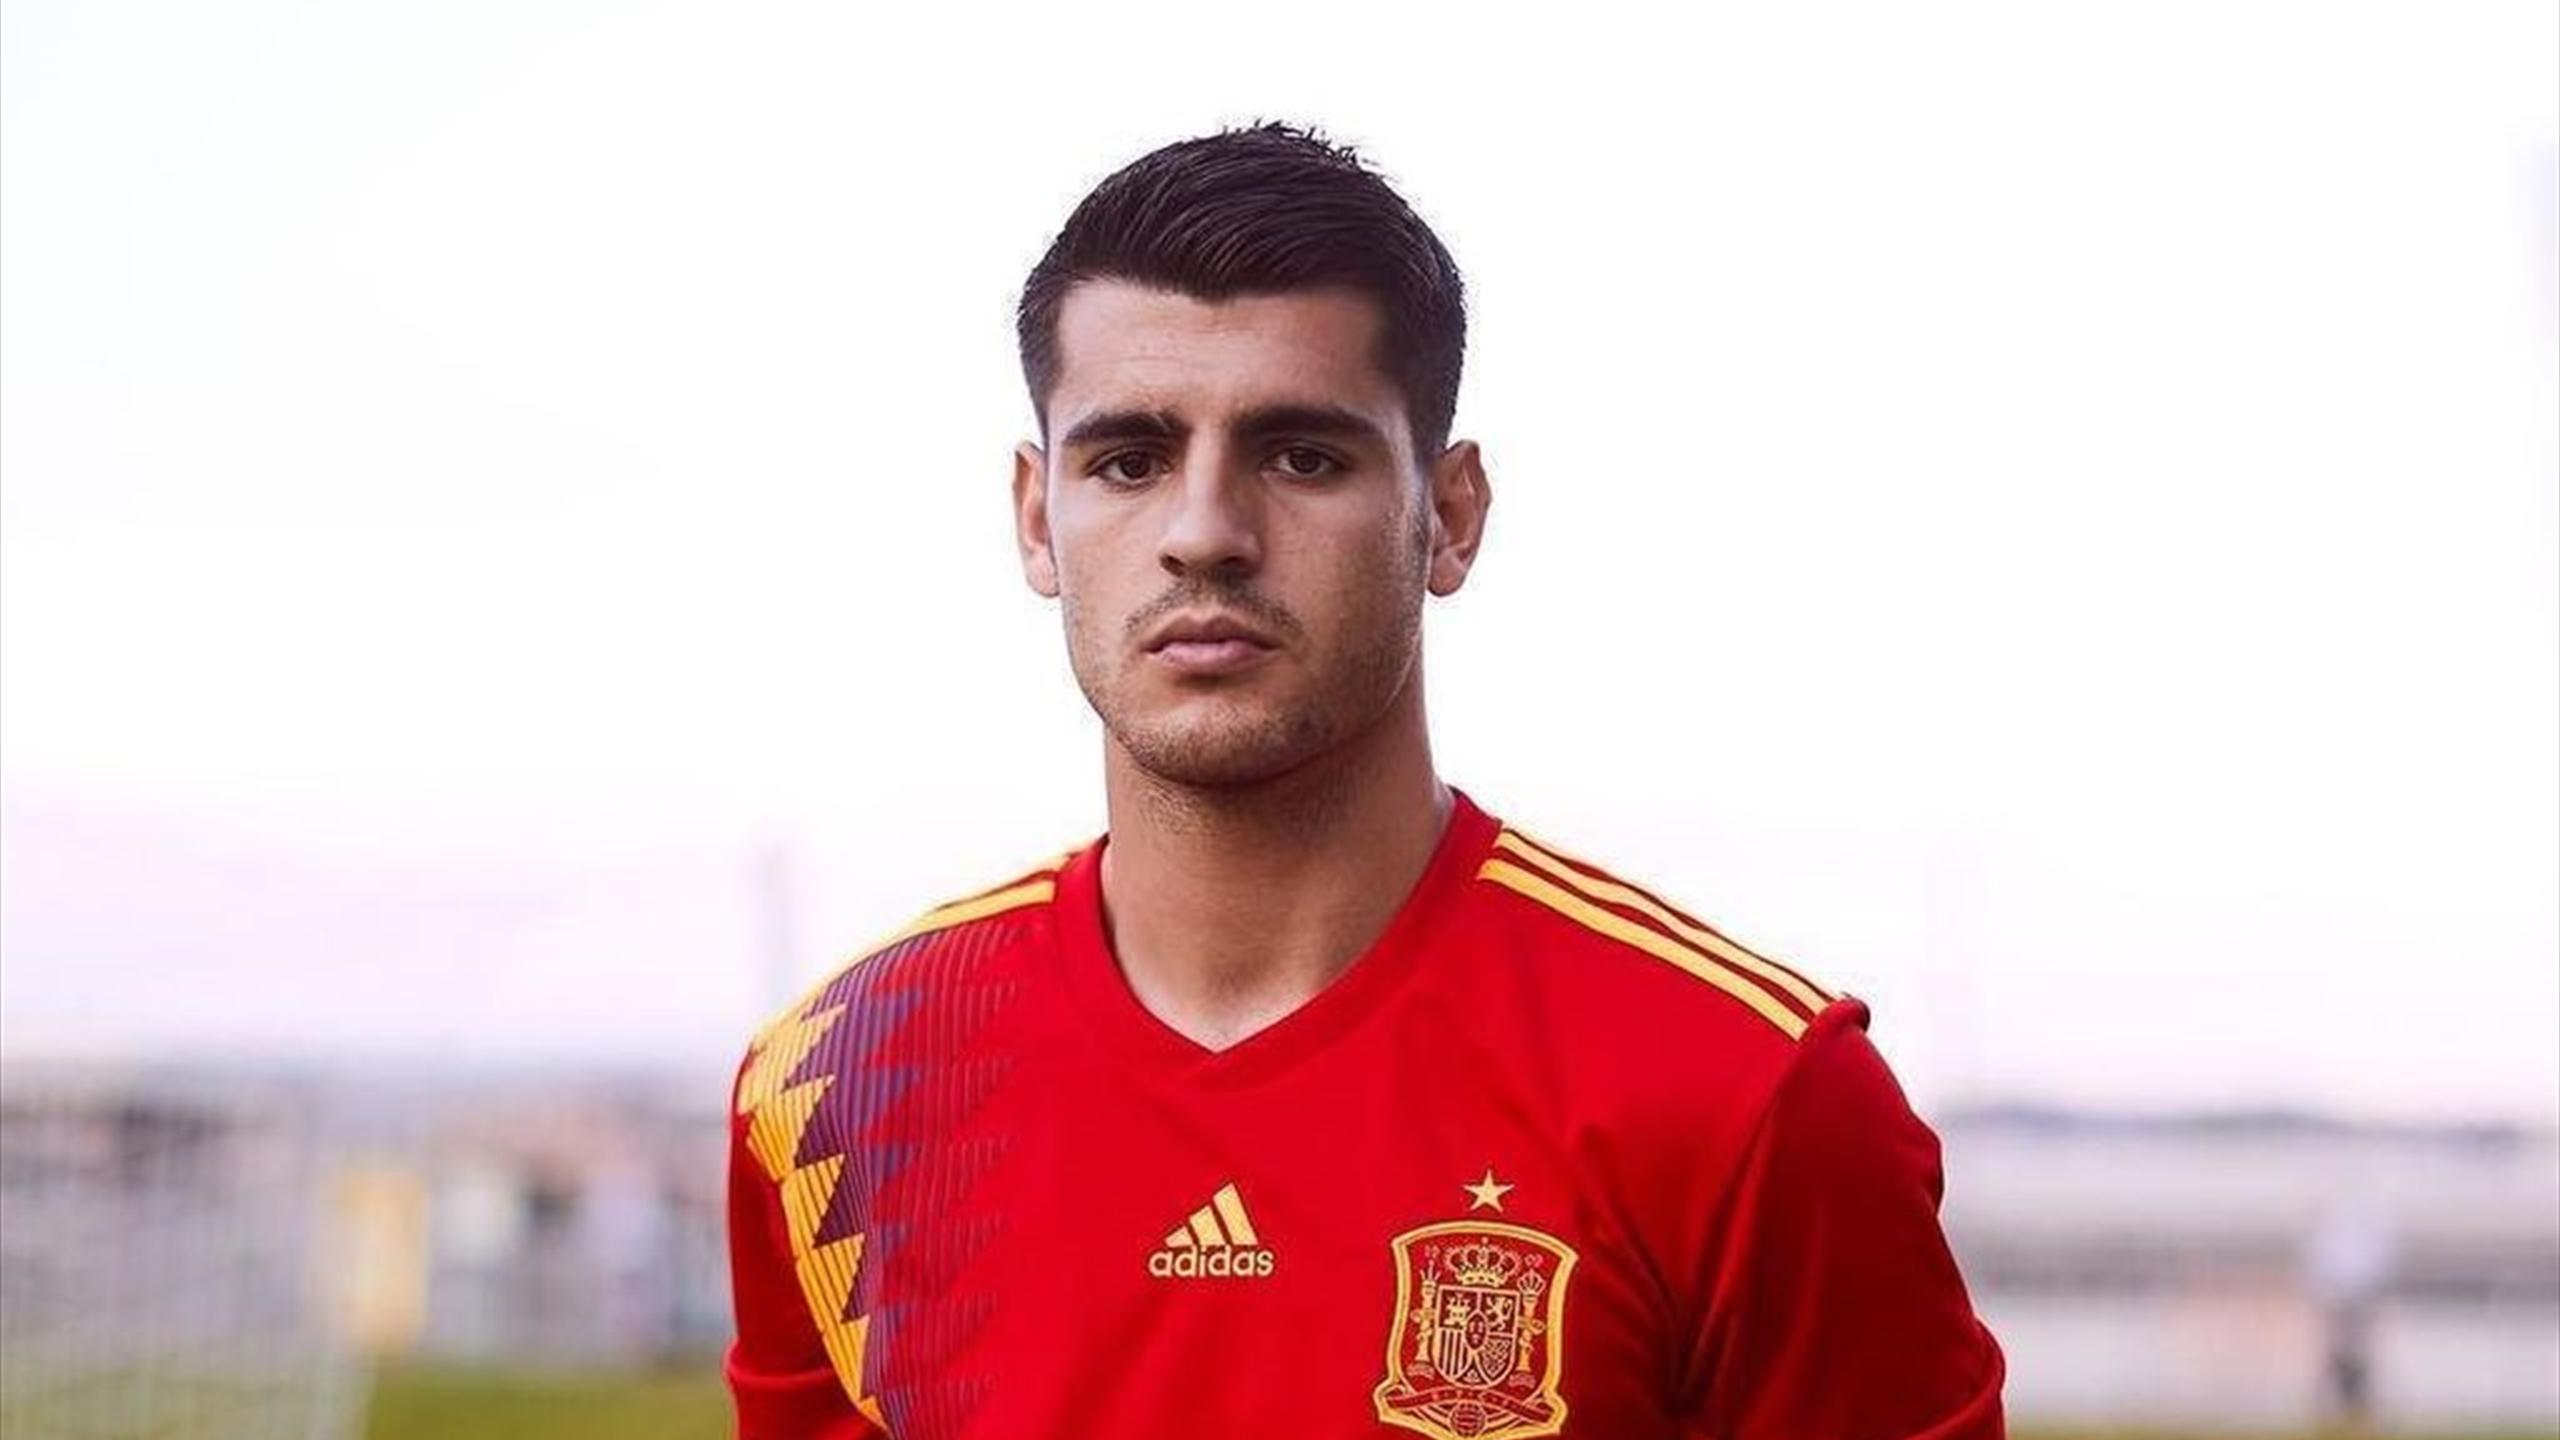 Maillot equipe de Espagne nouveau